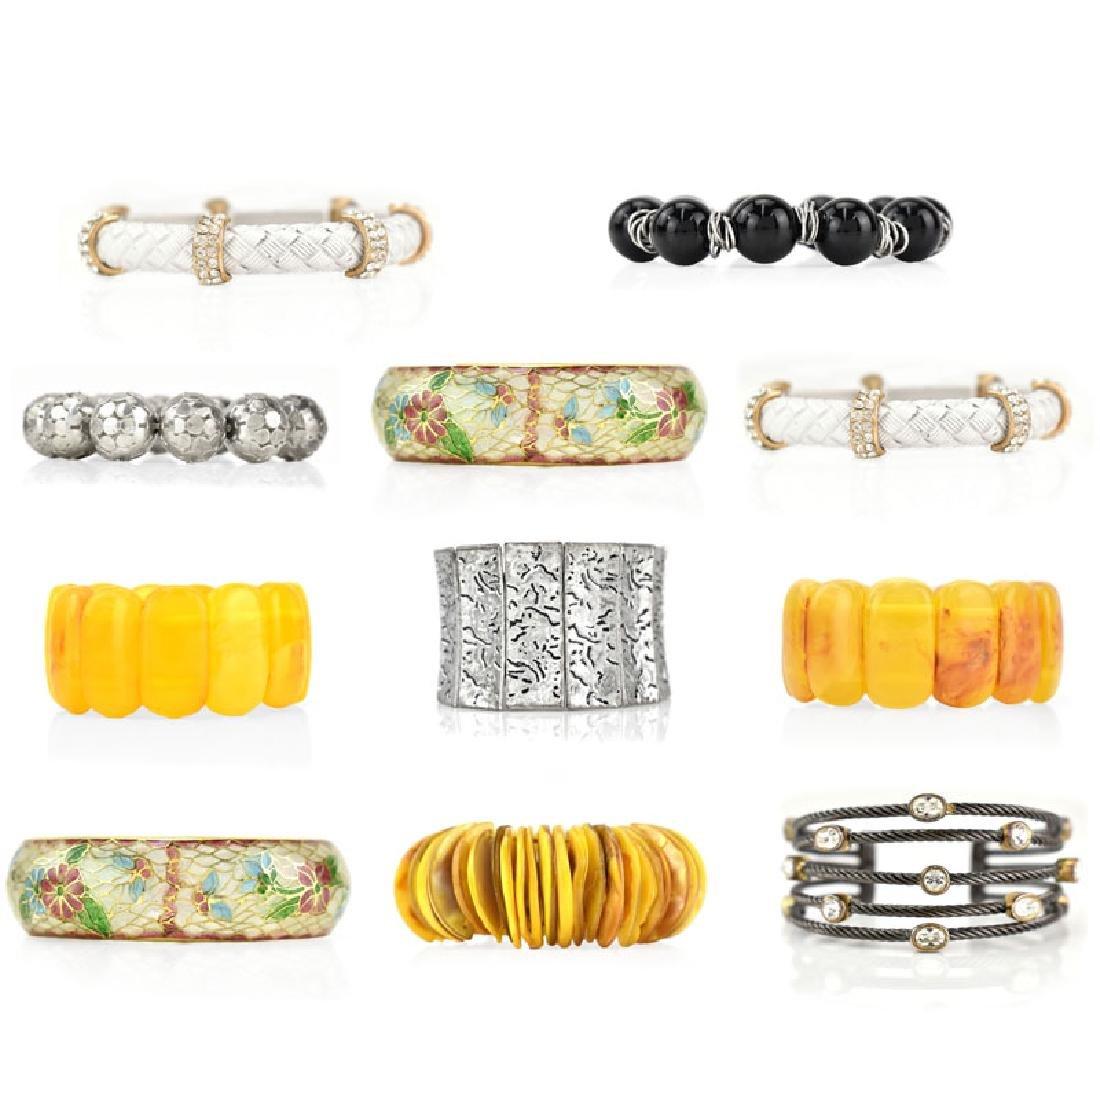 Eleven (11) Vintage Bangle Bracelets